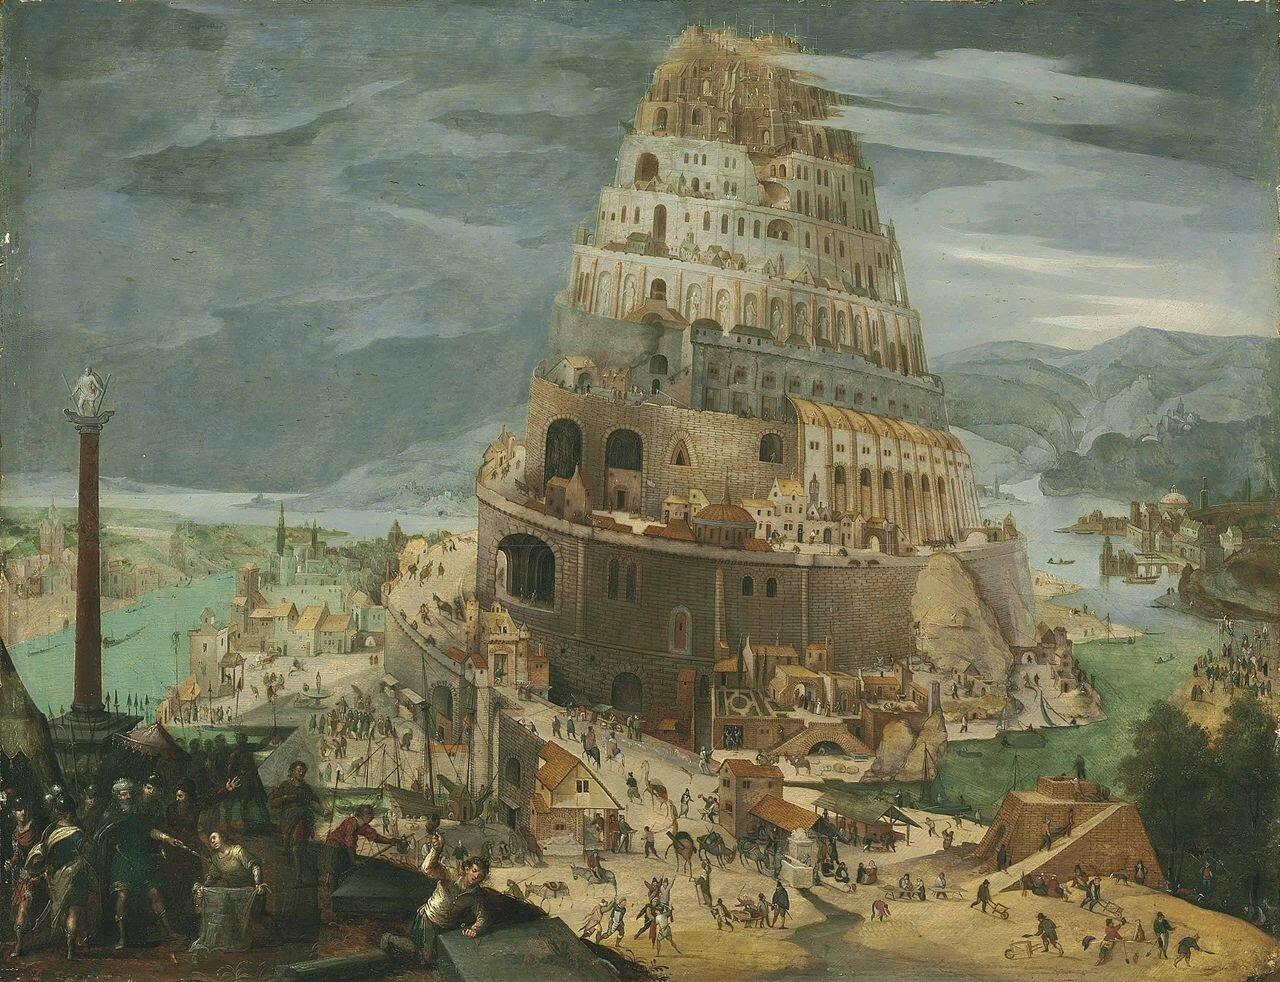 1280px-Abel_Grimmer_-_De_toren_van_Babel 1604.jpg